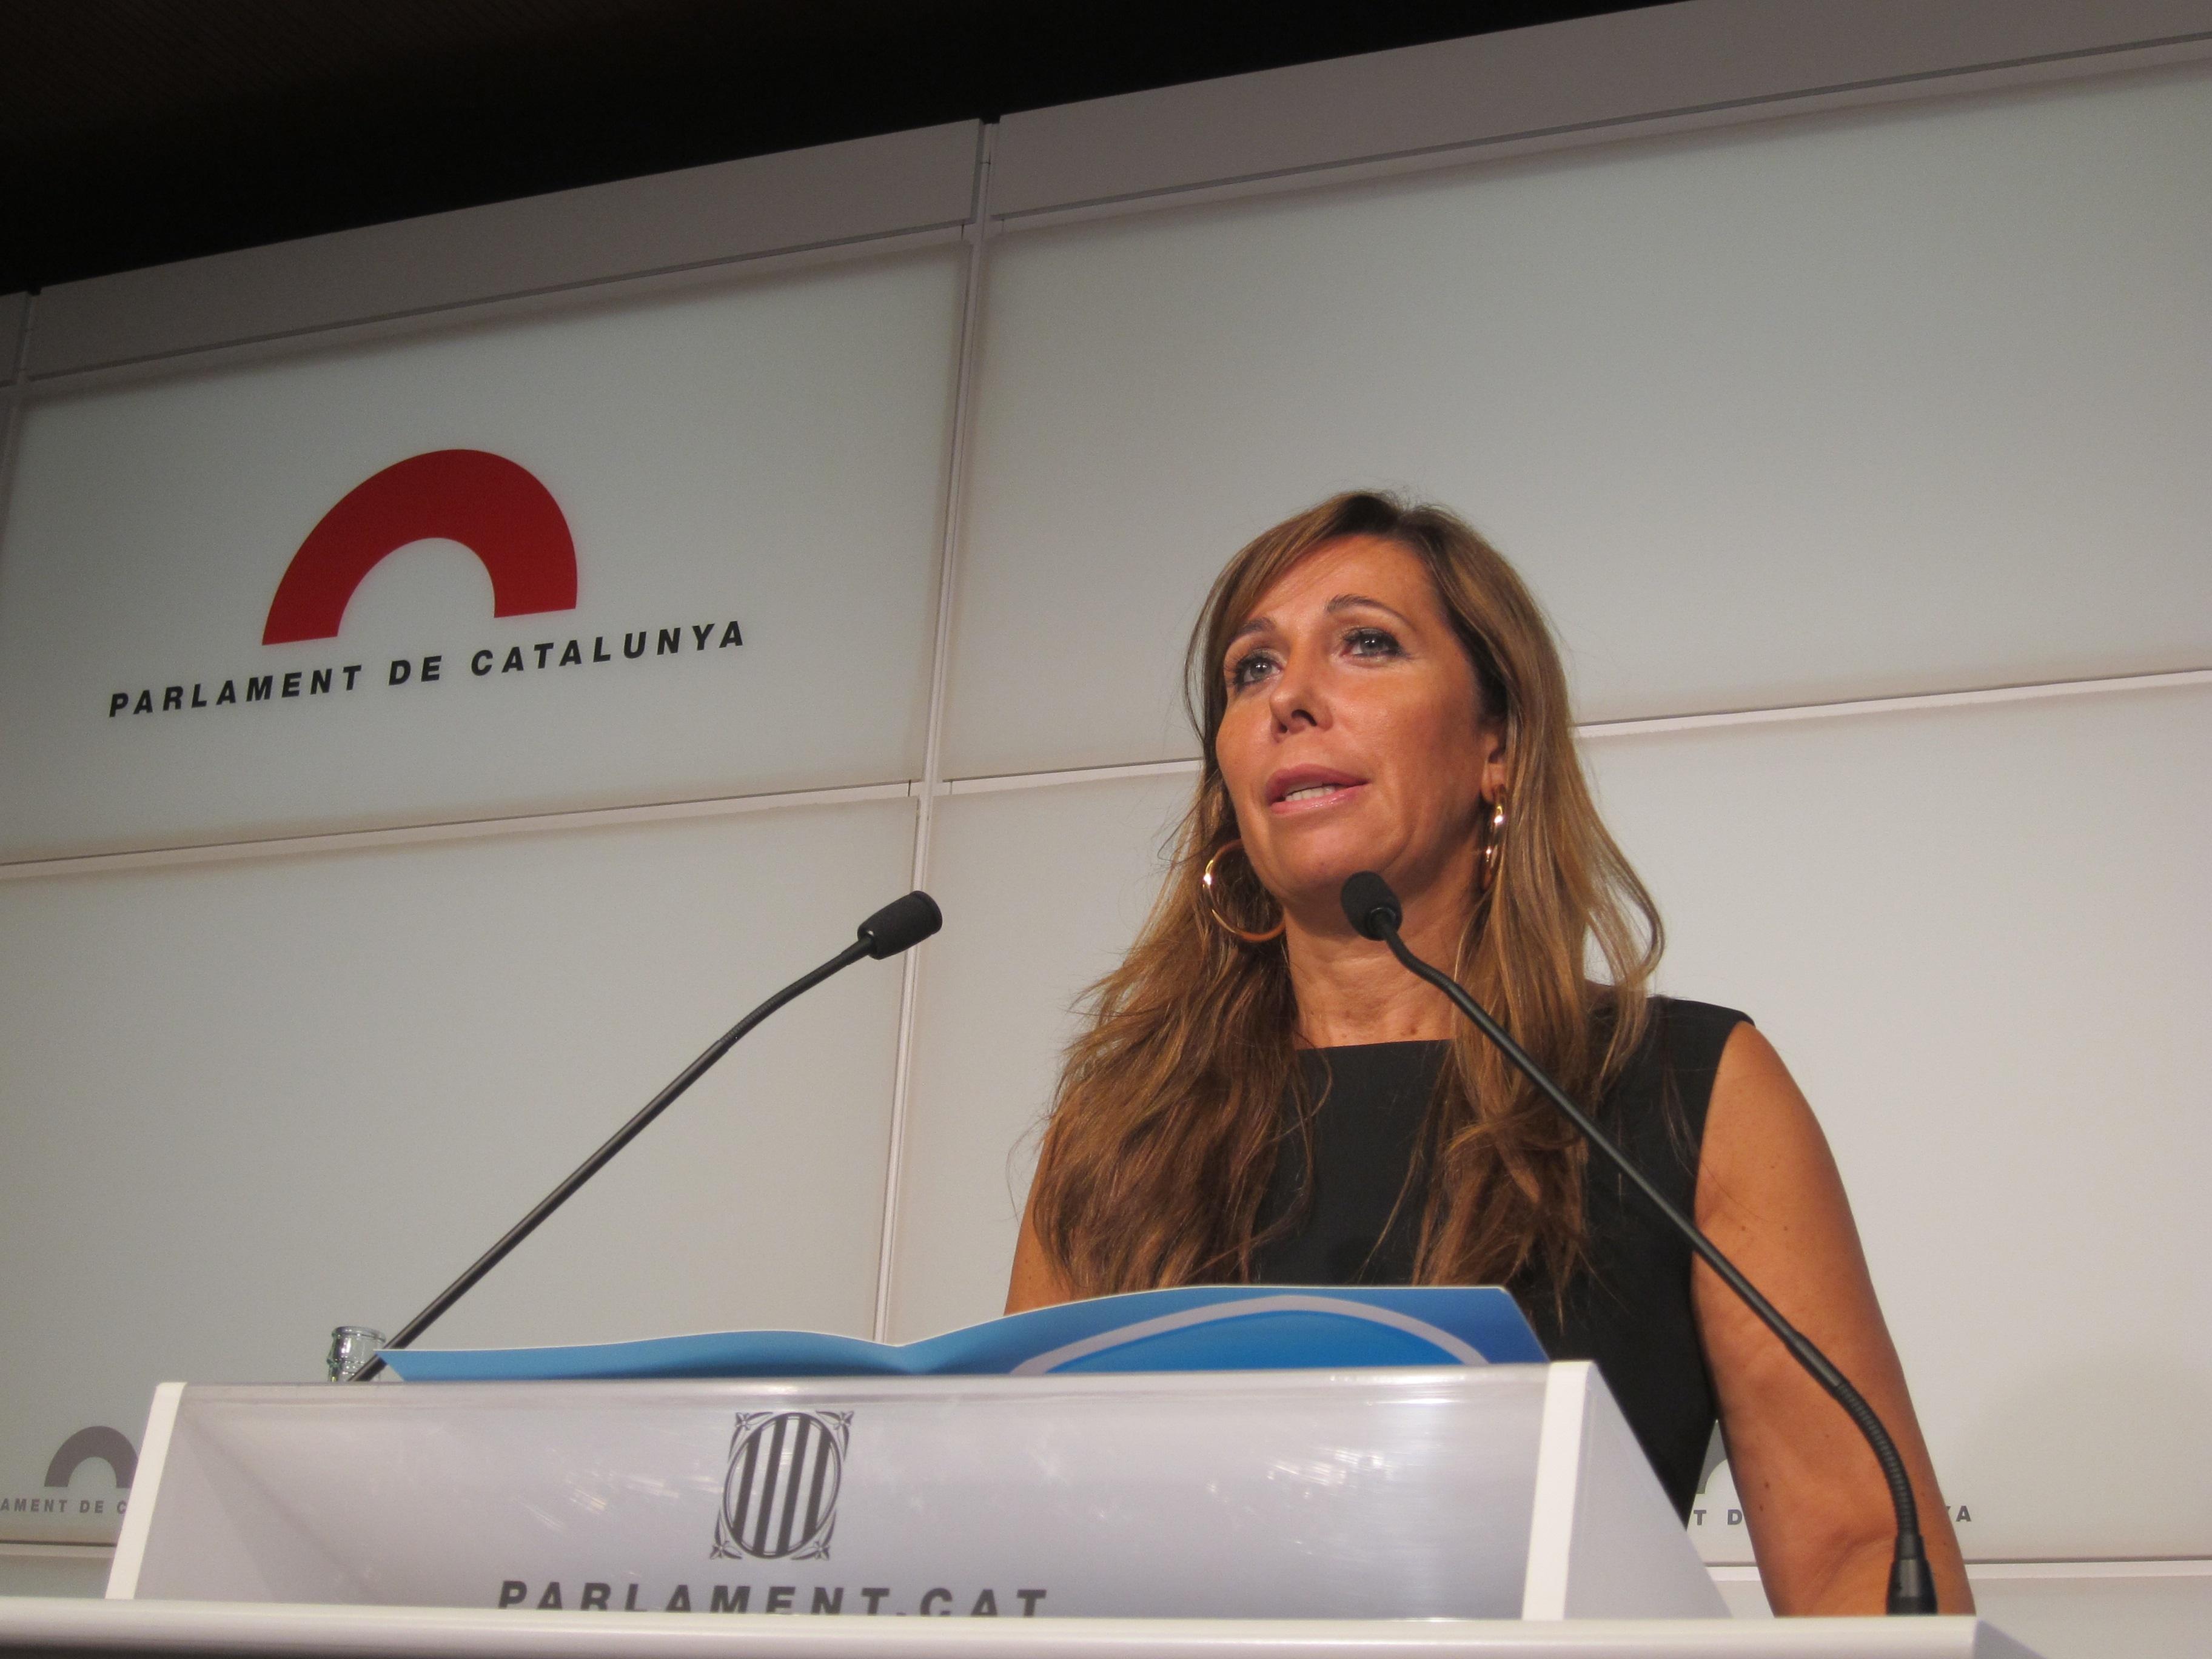 Camacho propone una plataforma política y social de los contrarios a la independencia